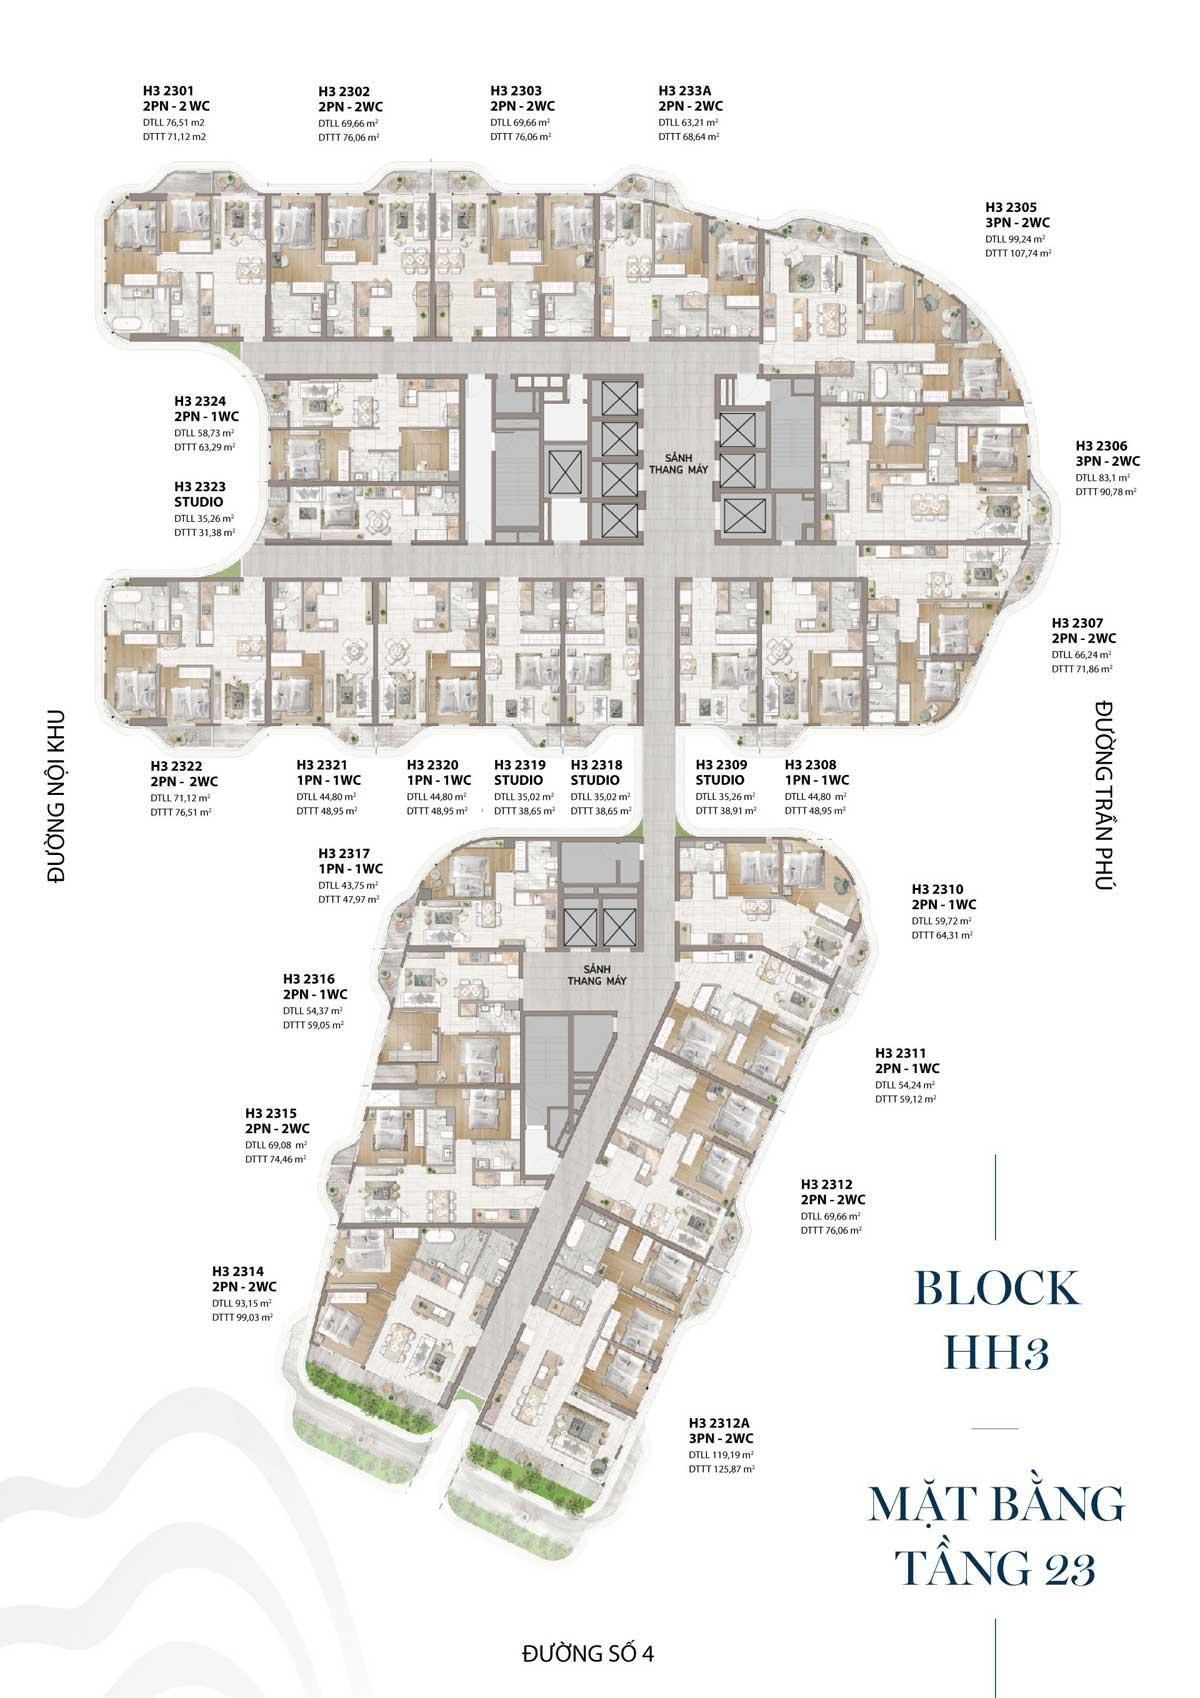 mat bang tang hh3 tang 23 the aston - Lễ Mở bán Dự án The Aston Luxury Residence Nha Trang